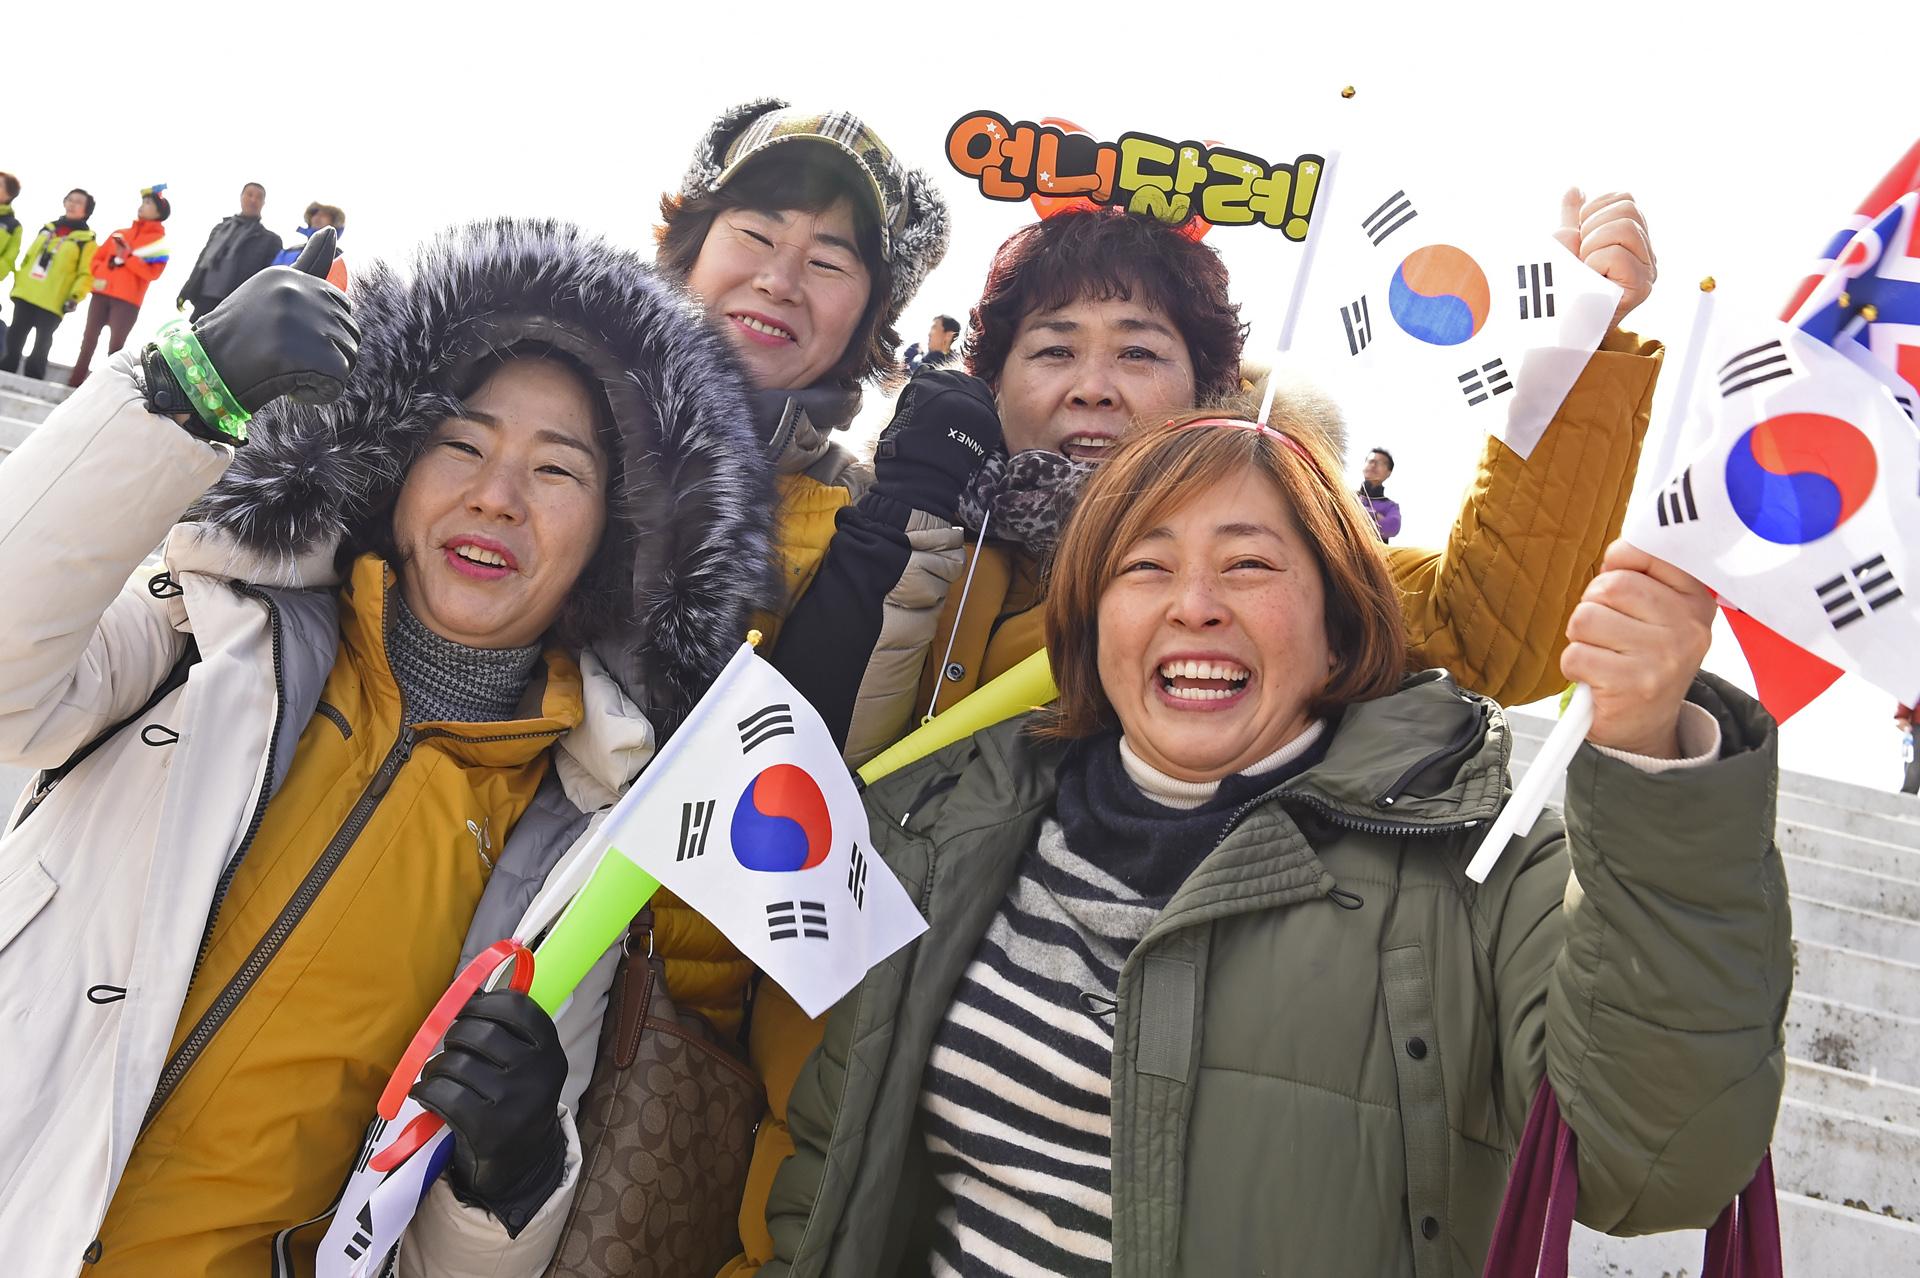 De grootste uitdaging voor Pyeongchang (Nee, het is geen 'sneeuw')